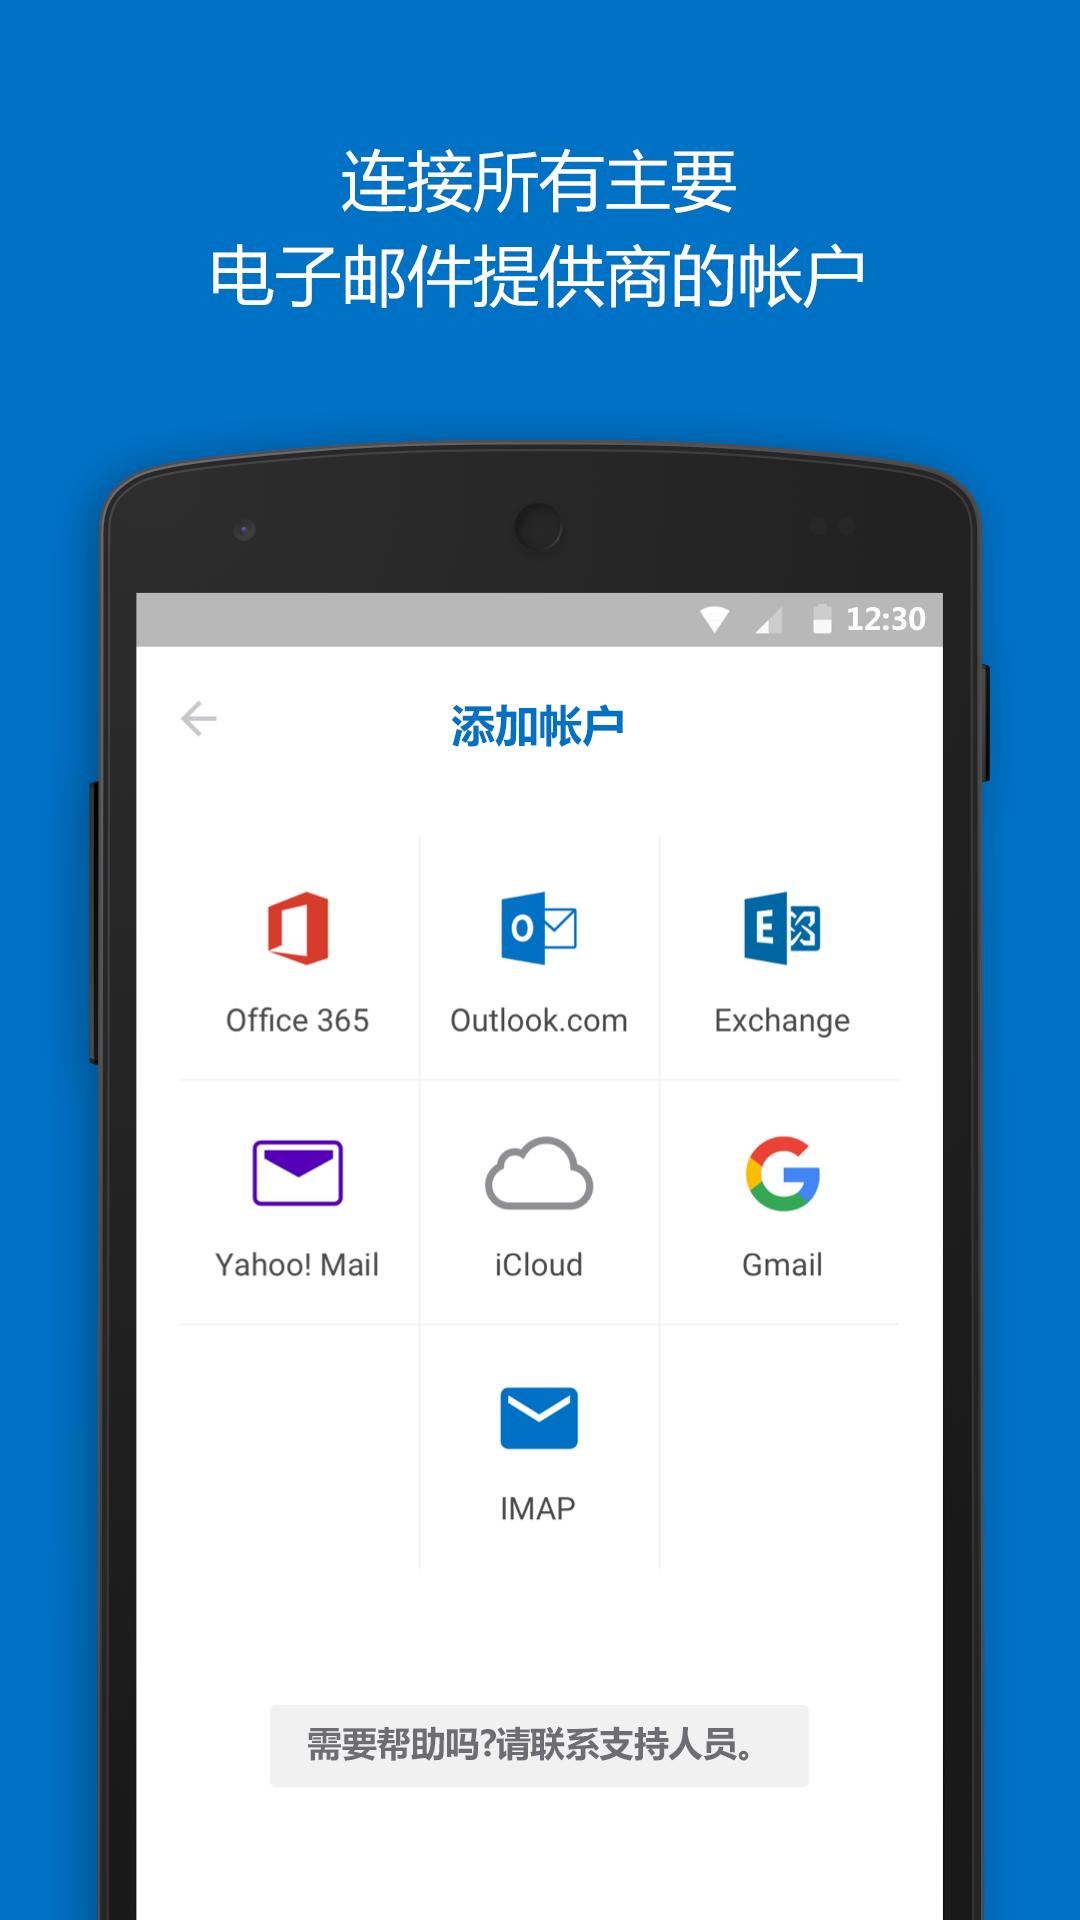 Outlook v2.1.68